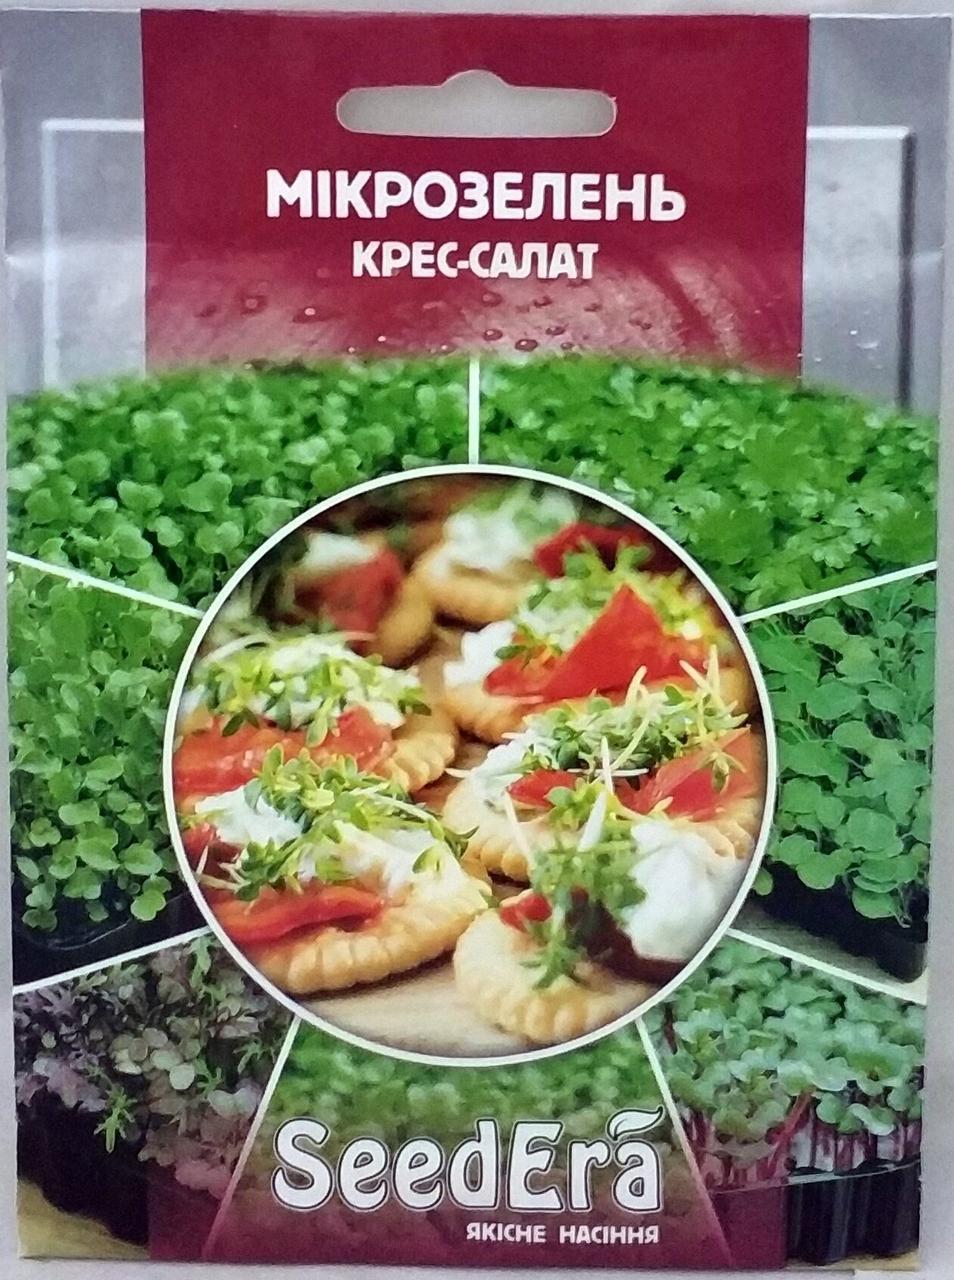 Мікрозелень Крес-салат 10г